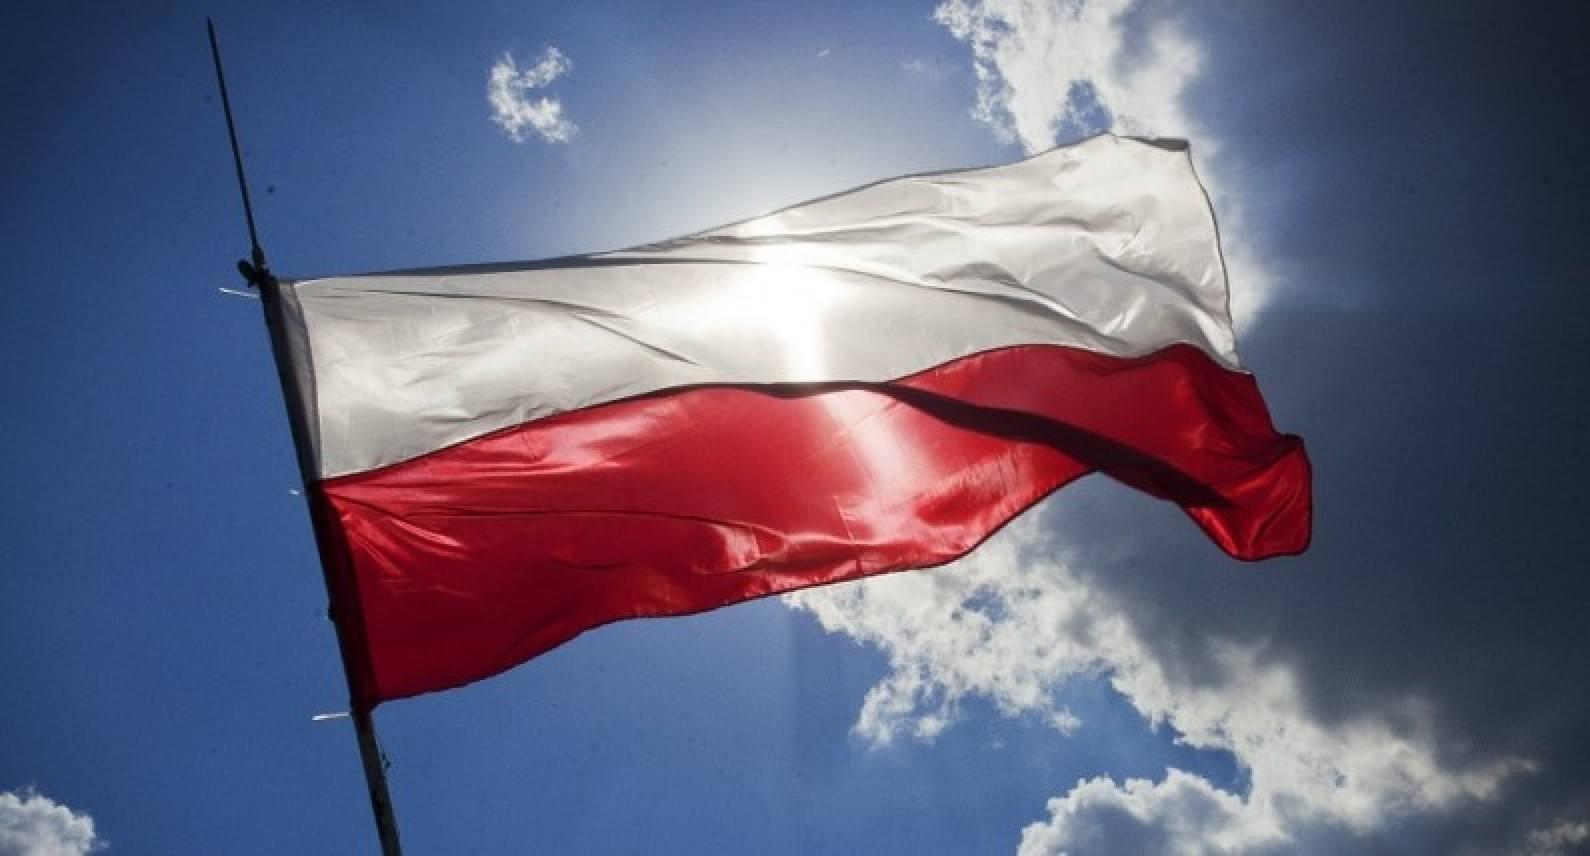 Rząd łagodzi restrykcje w Polsce: kiedy nastąpi otwarcie hoteli i restauracji?